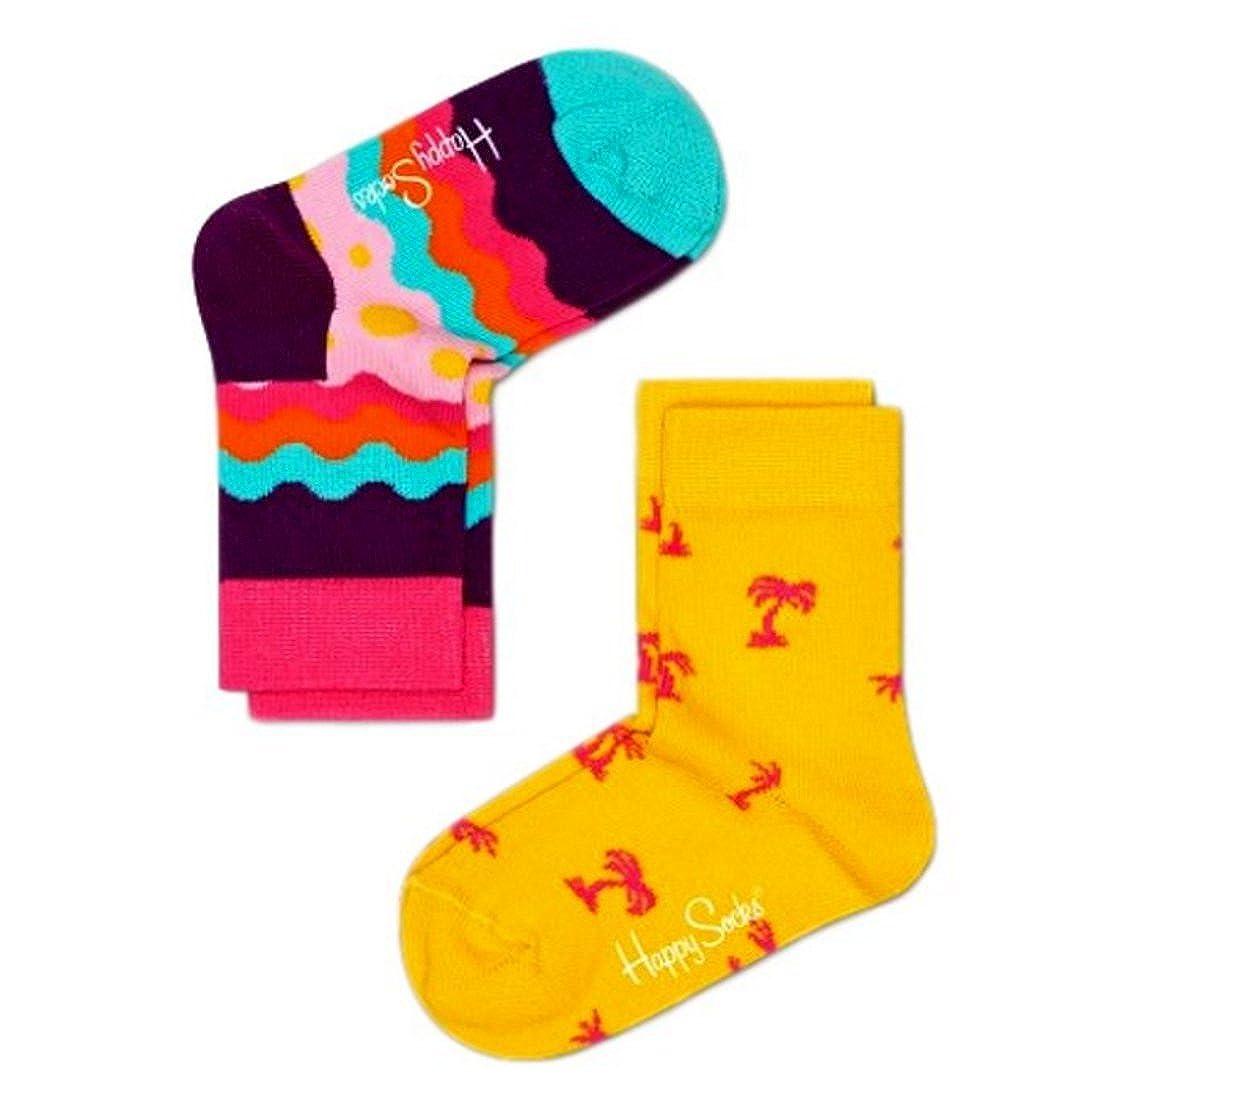 最大の割引 Happy Socks ベビーガールズ Socks SOCKSHOSIERY SOCKSHOSIERY ベビーガールズ B01M0WQ9H5, select shop HK/エイチケー:9dc9205c --- arianechie.dominiotemporario.com